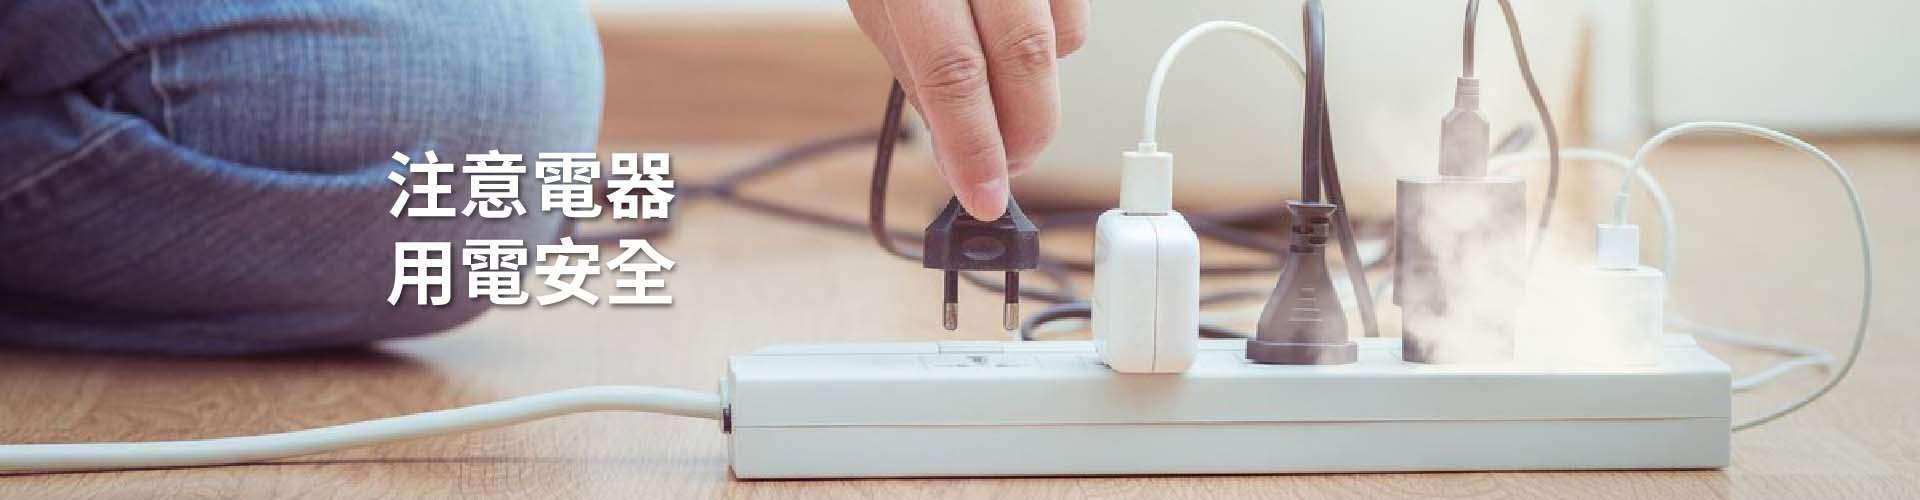 注意電器用電安全